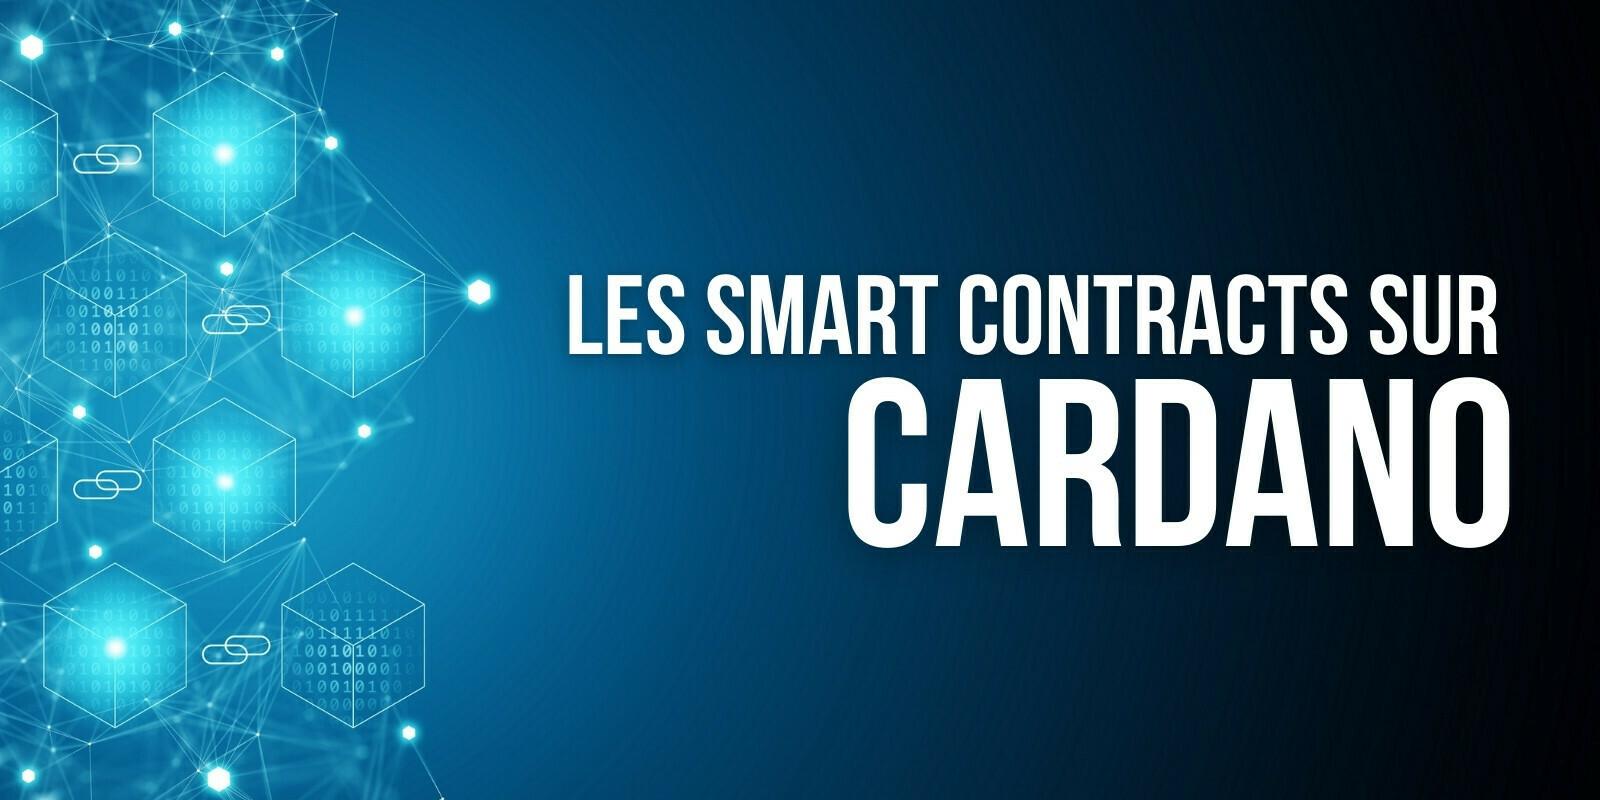 Les smart contracts sont enfin arrivés sur le mainnet de Cardano (ADA)